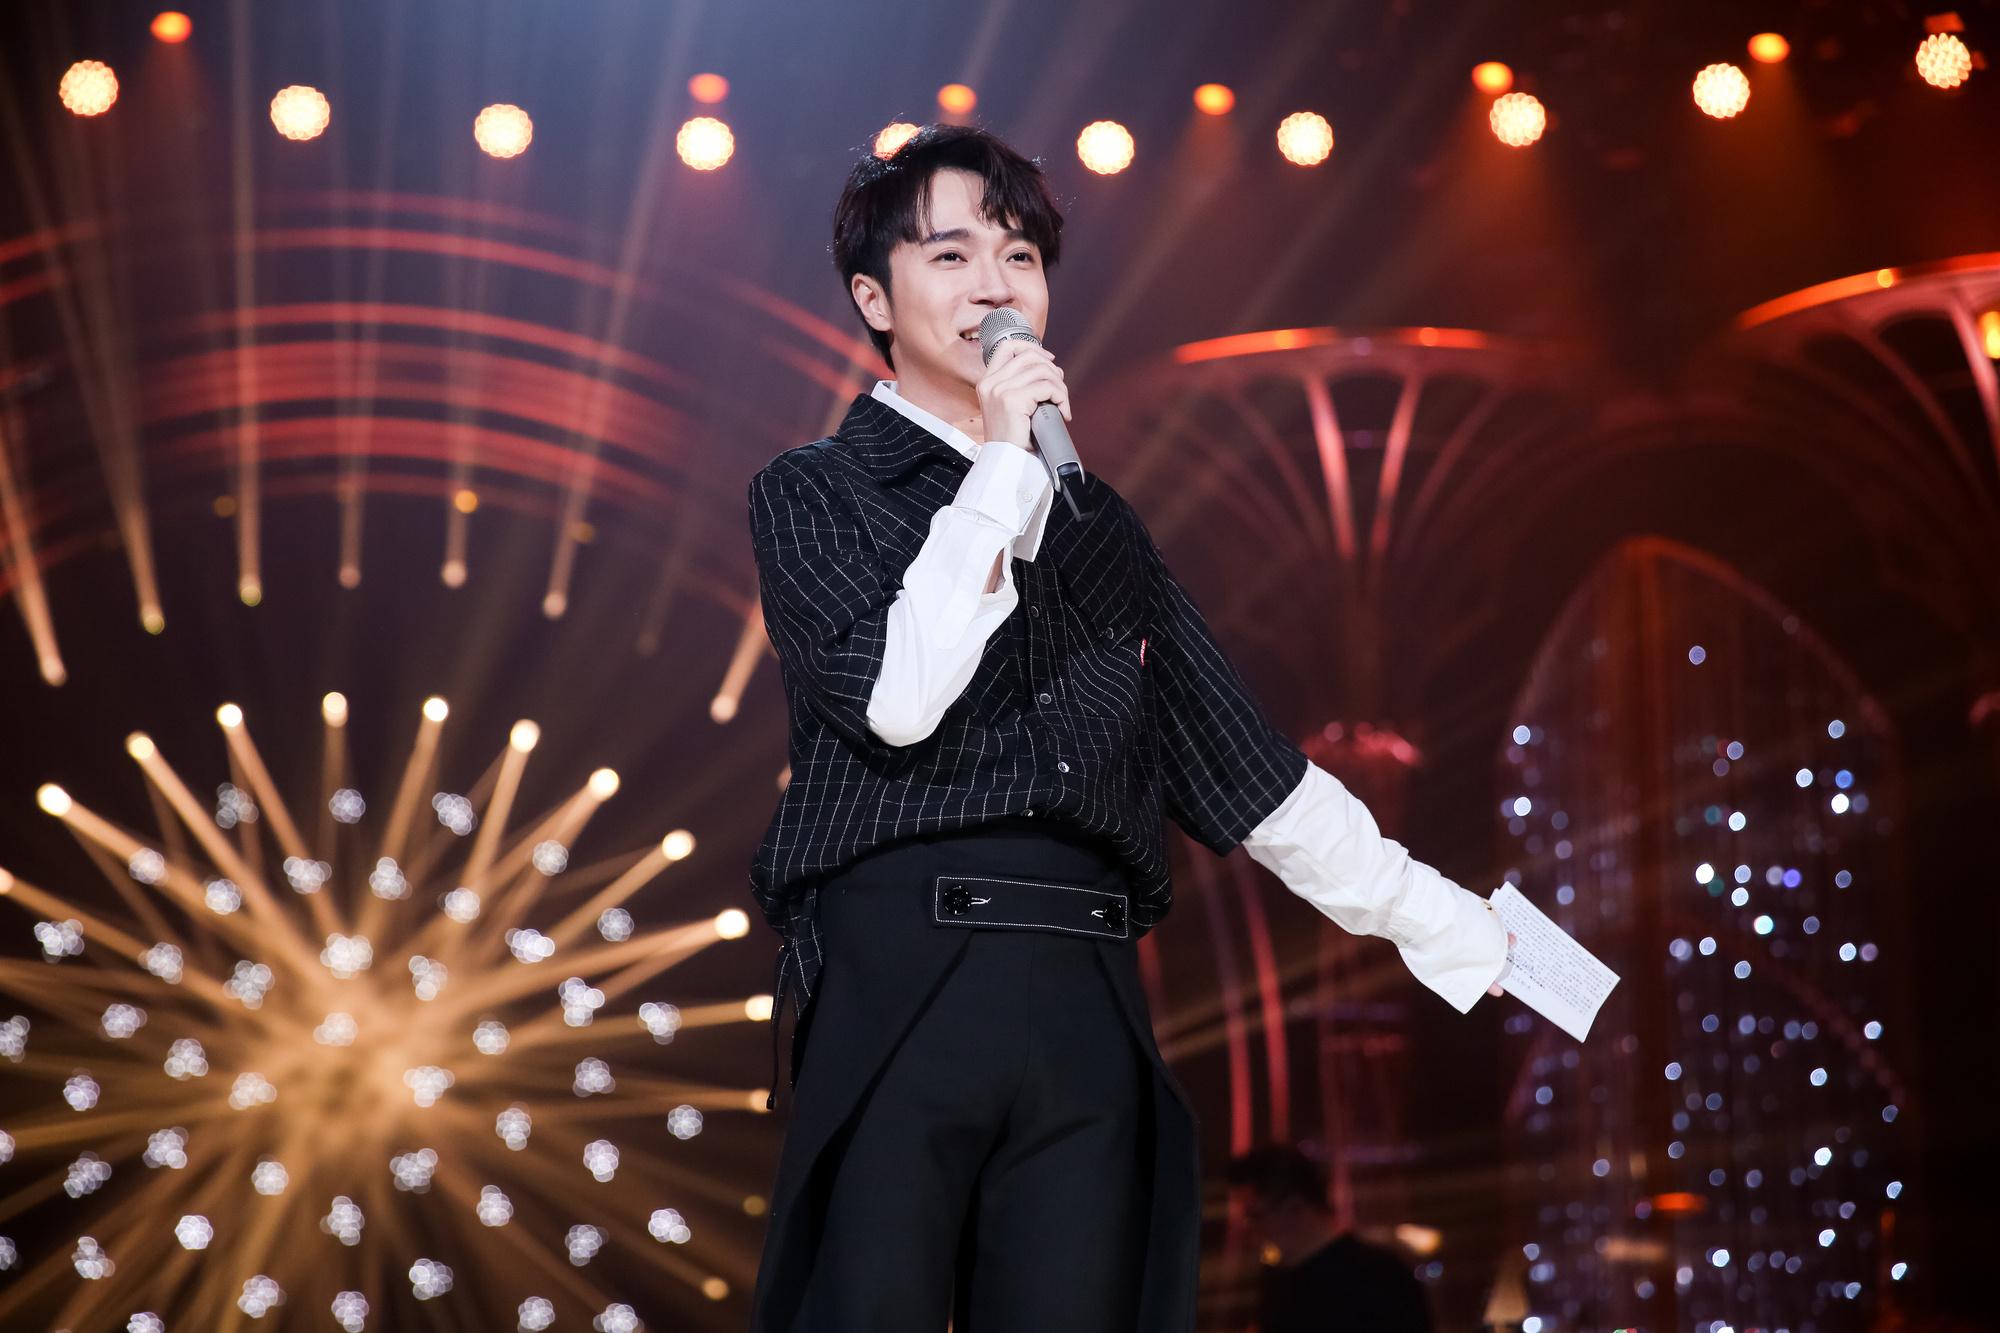 《歌手》2019吴青峰首秀 《燕窝》表达歌者灵魂